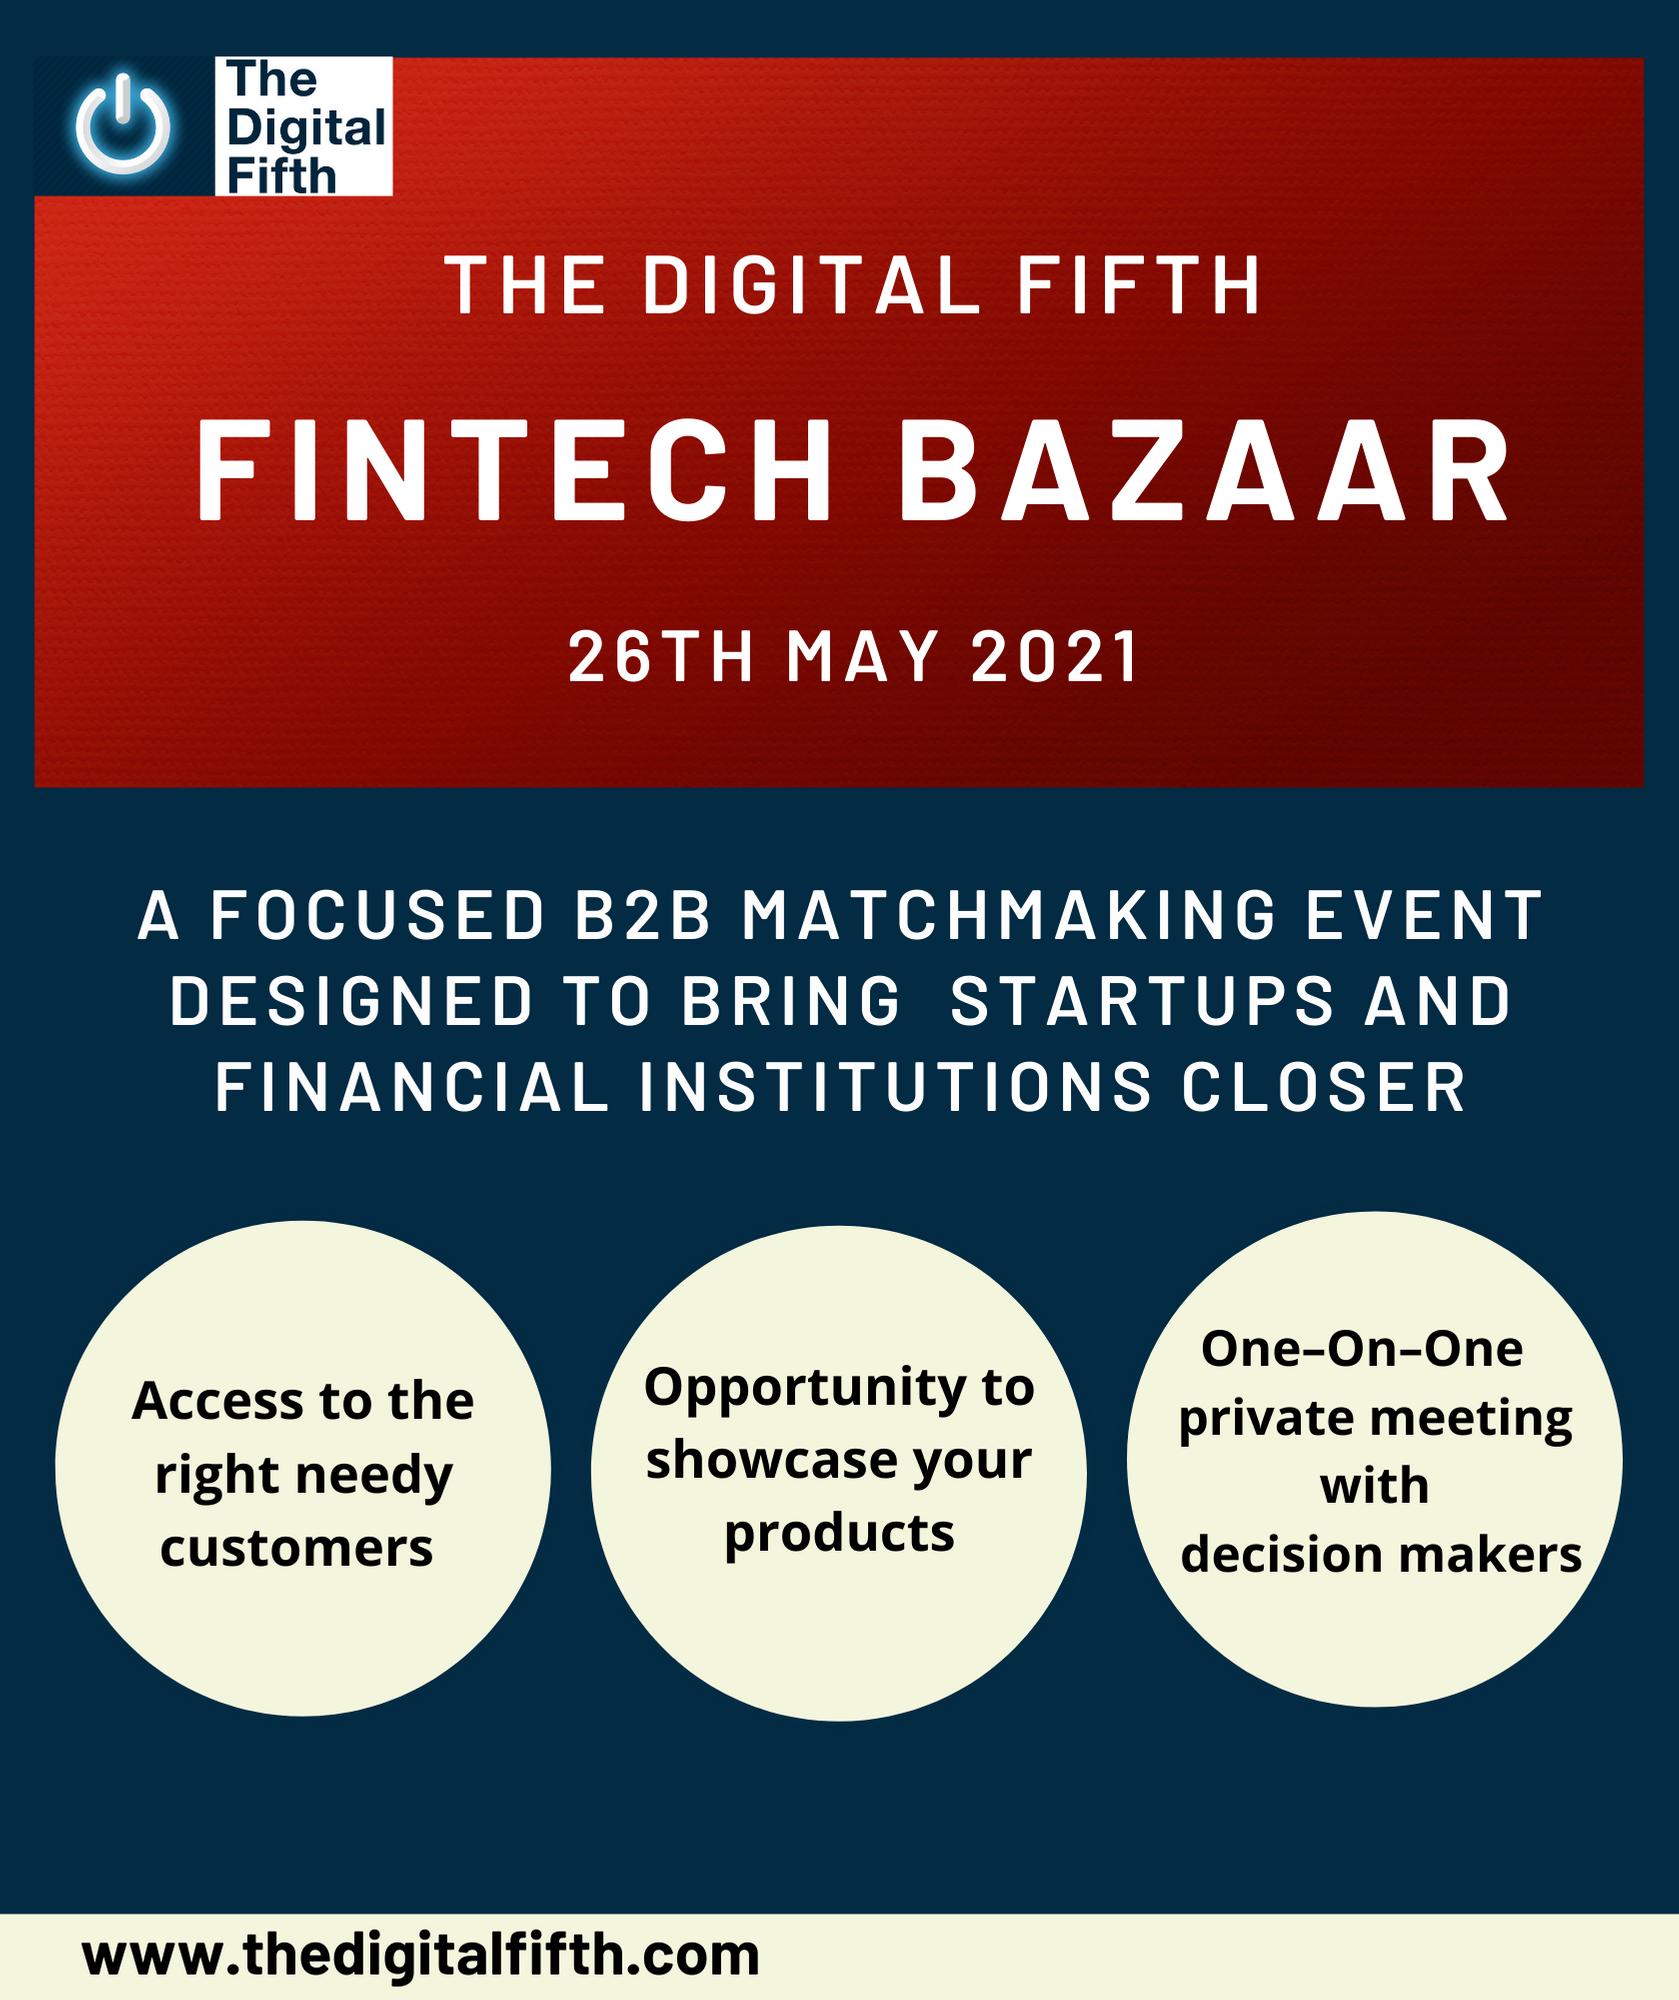 Fintech Bazaar